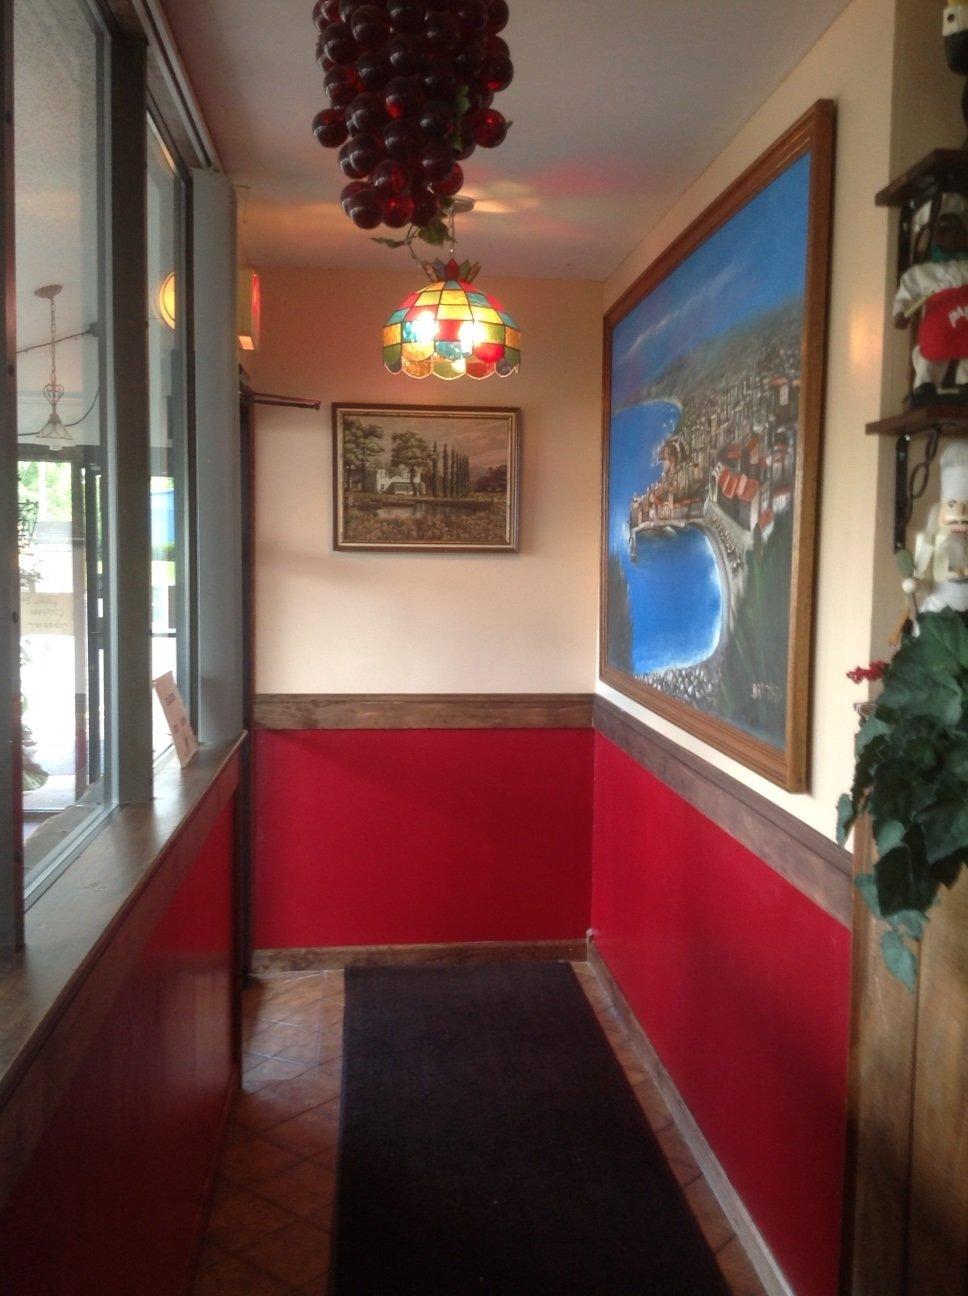 Upscale Italian Restaurant Buffalo, NY